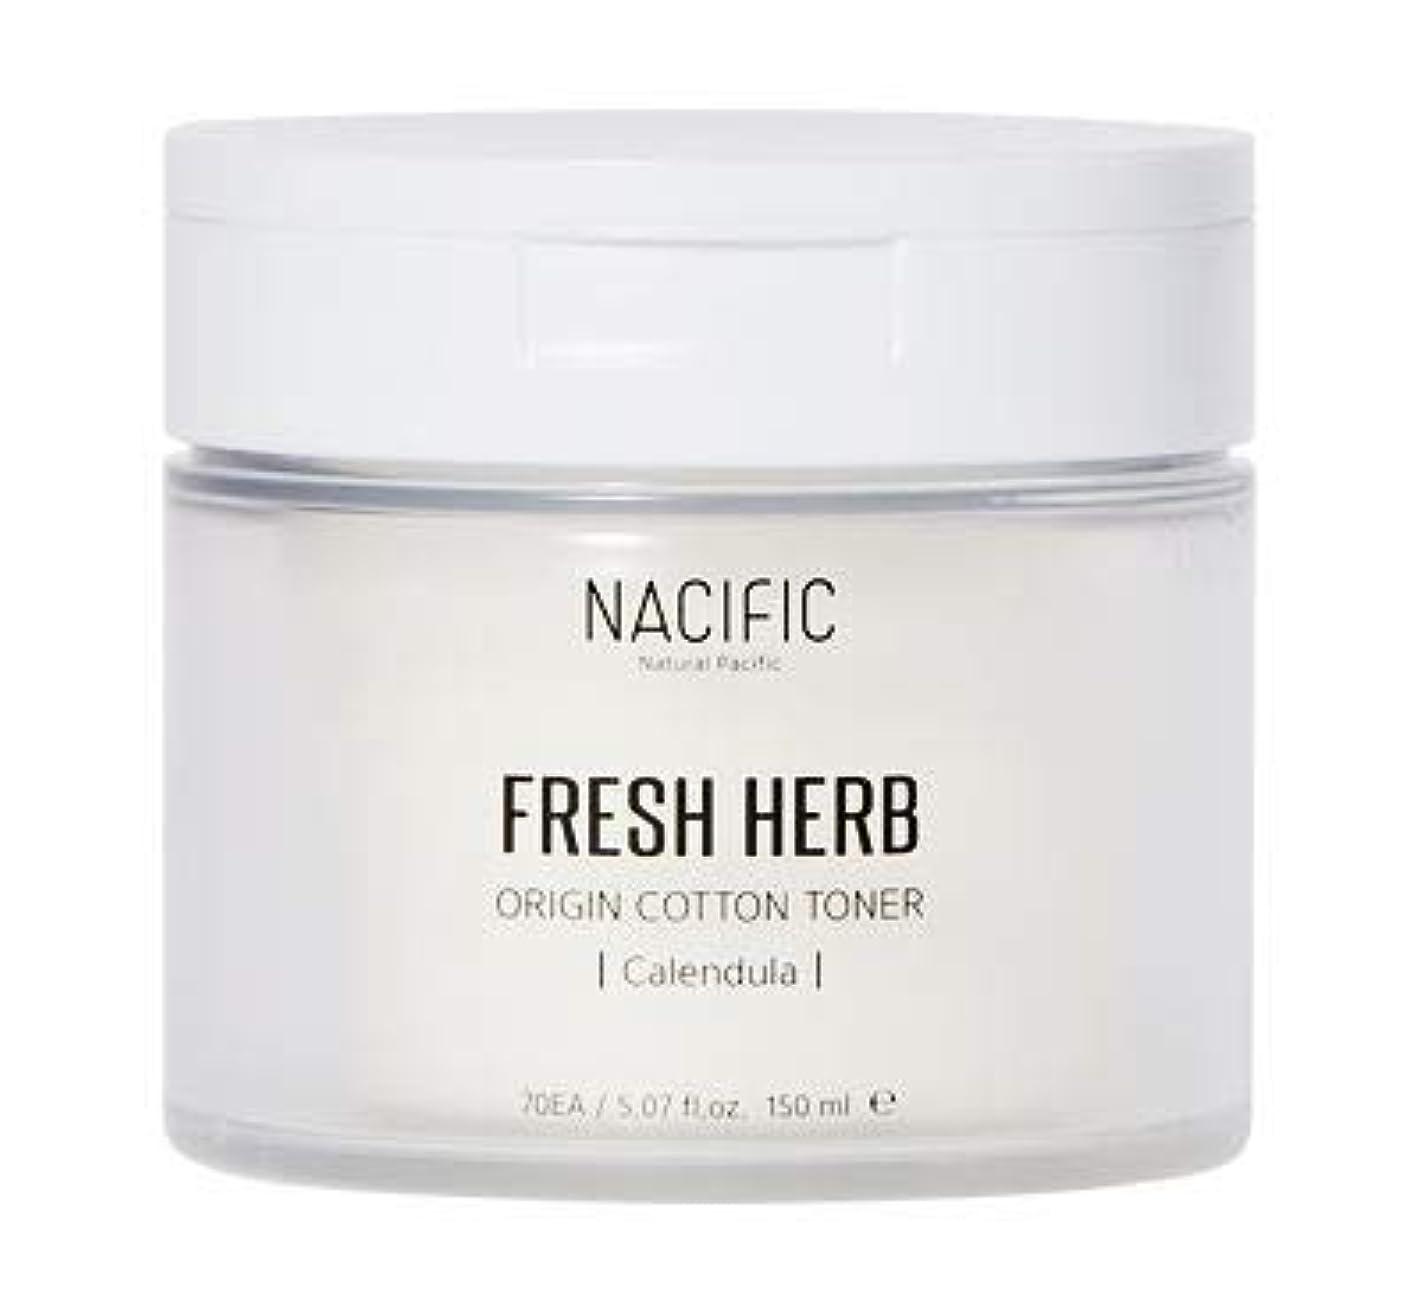 眩惑するポンペイ最高[Nacific] Fresh Herb Origin Cotton Toner 150ml (Calendula) /[ナシフィック] フレッシュ ハーブ オリジン コットン トナー (カレンデュラ)150ml [並行輸入品]